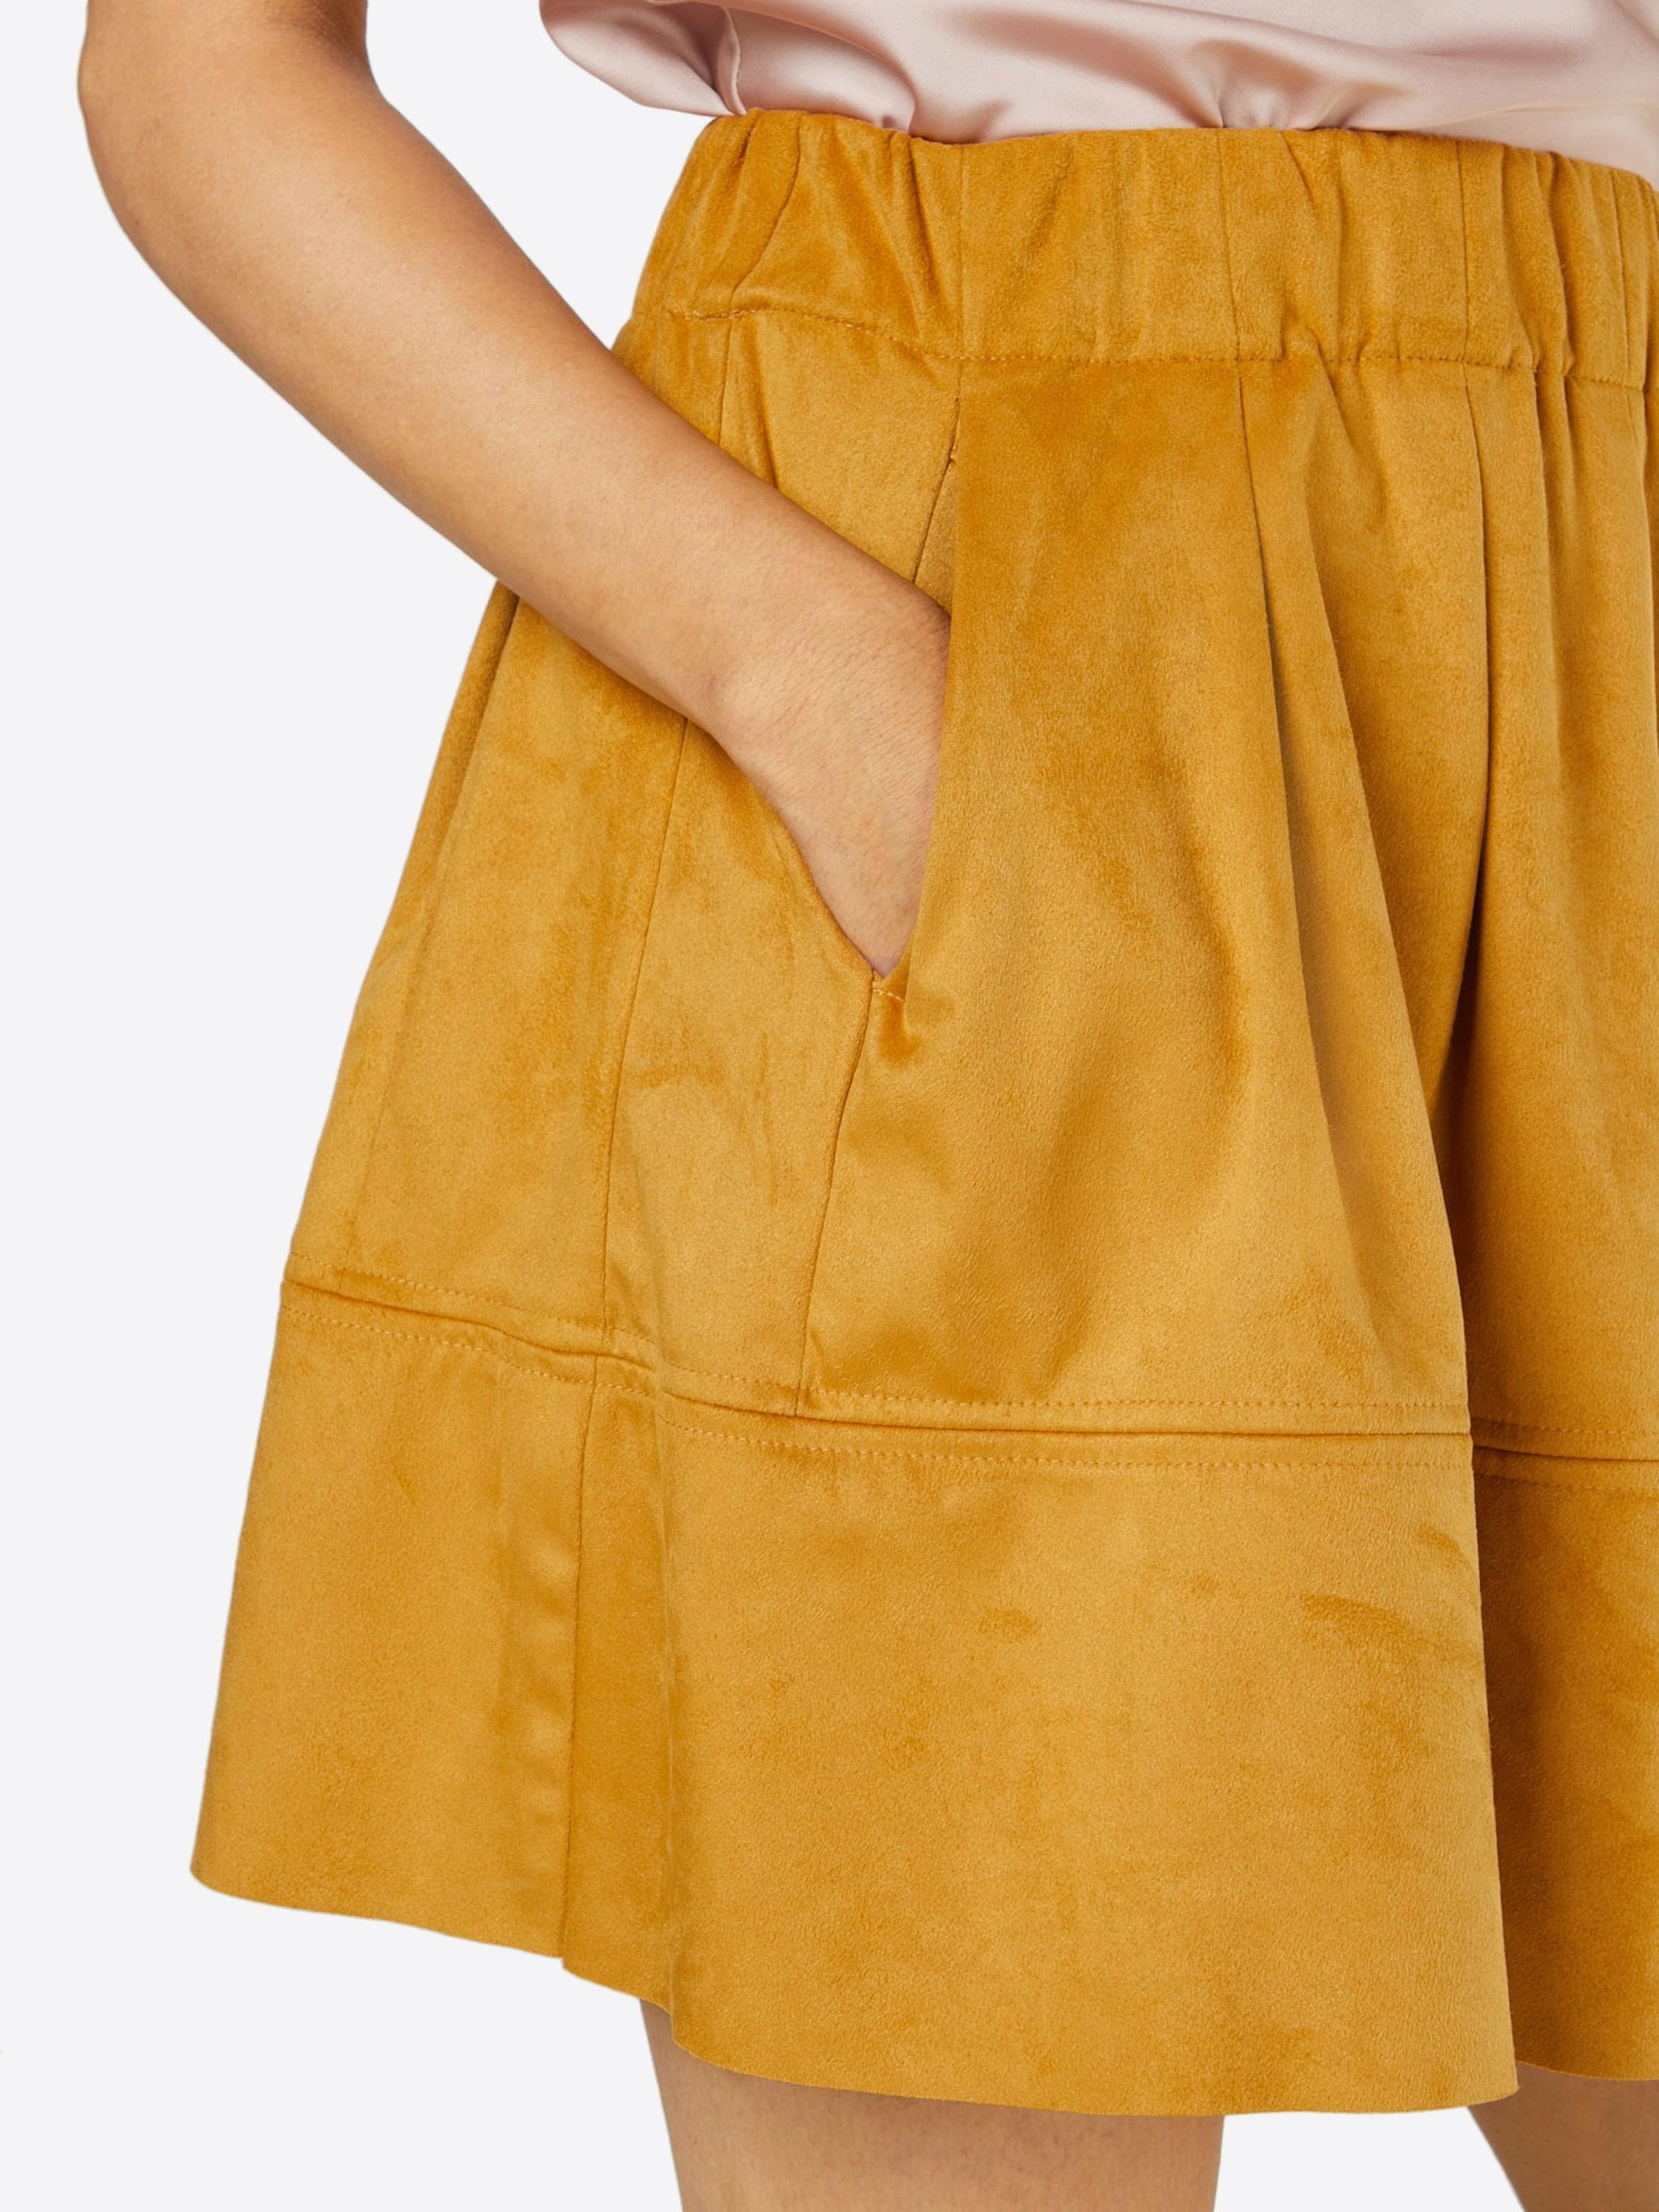 Auslass Niedriger Preis Spielraum Footaction minimum Skater Skirt 'Kia' Einen Günstigen Online-Verkauf Verkauf Niedriger Versand Auslasszwischenraum Store UPAiX3